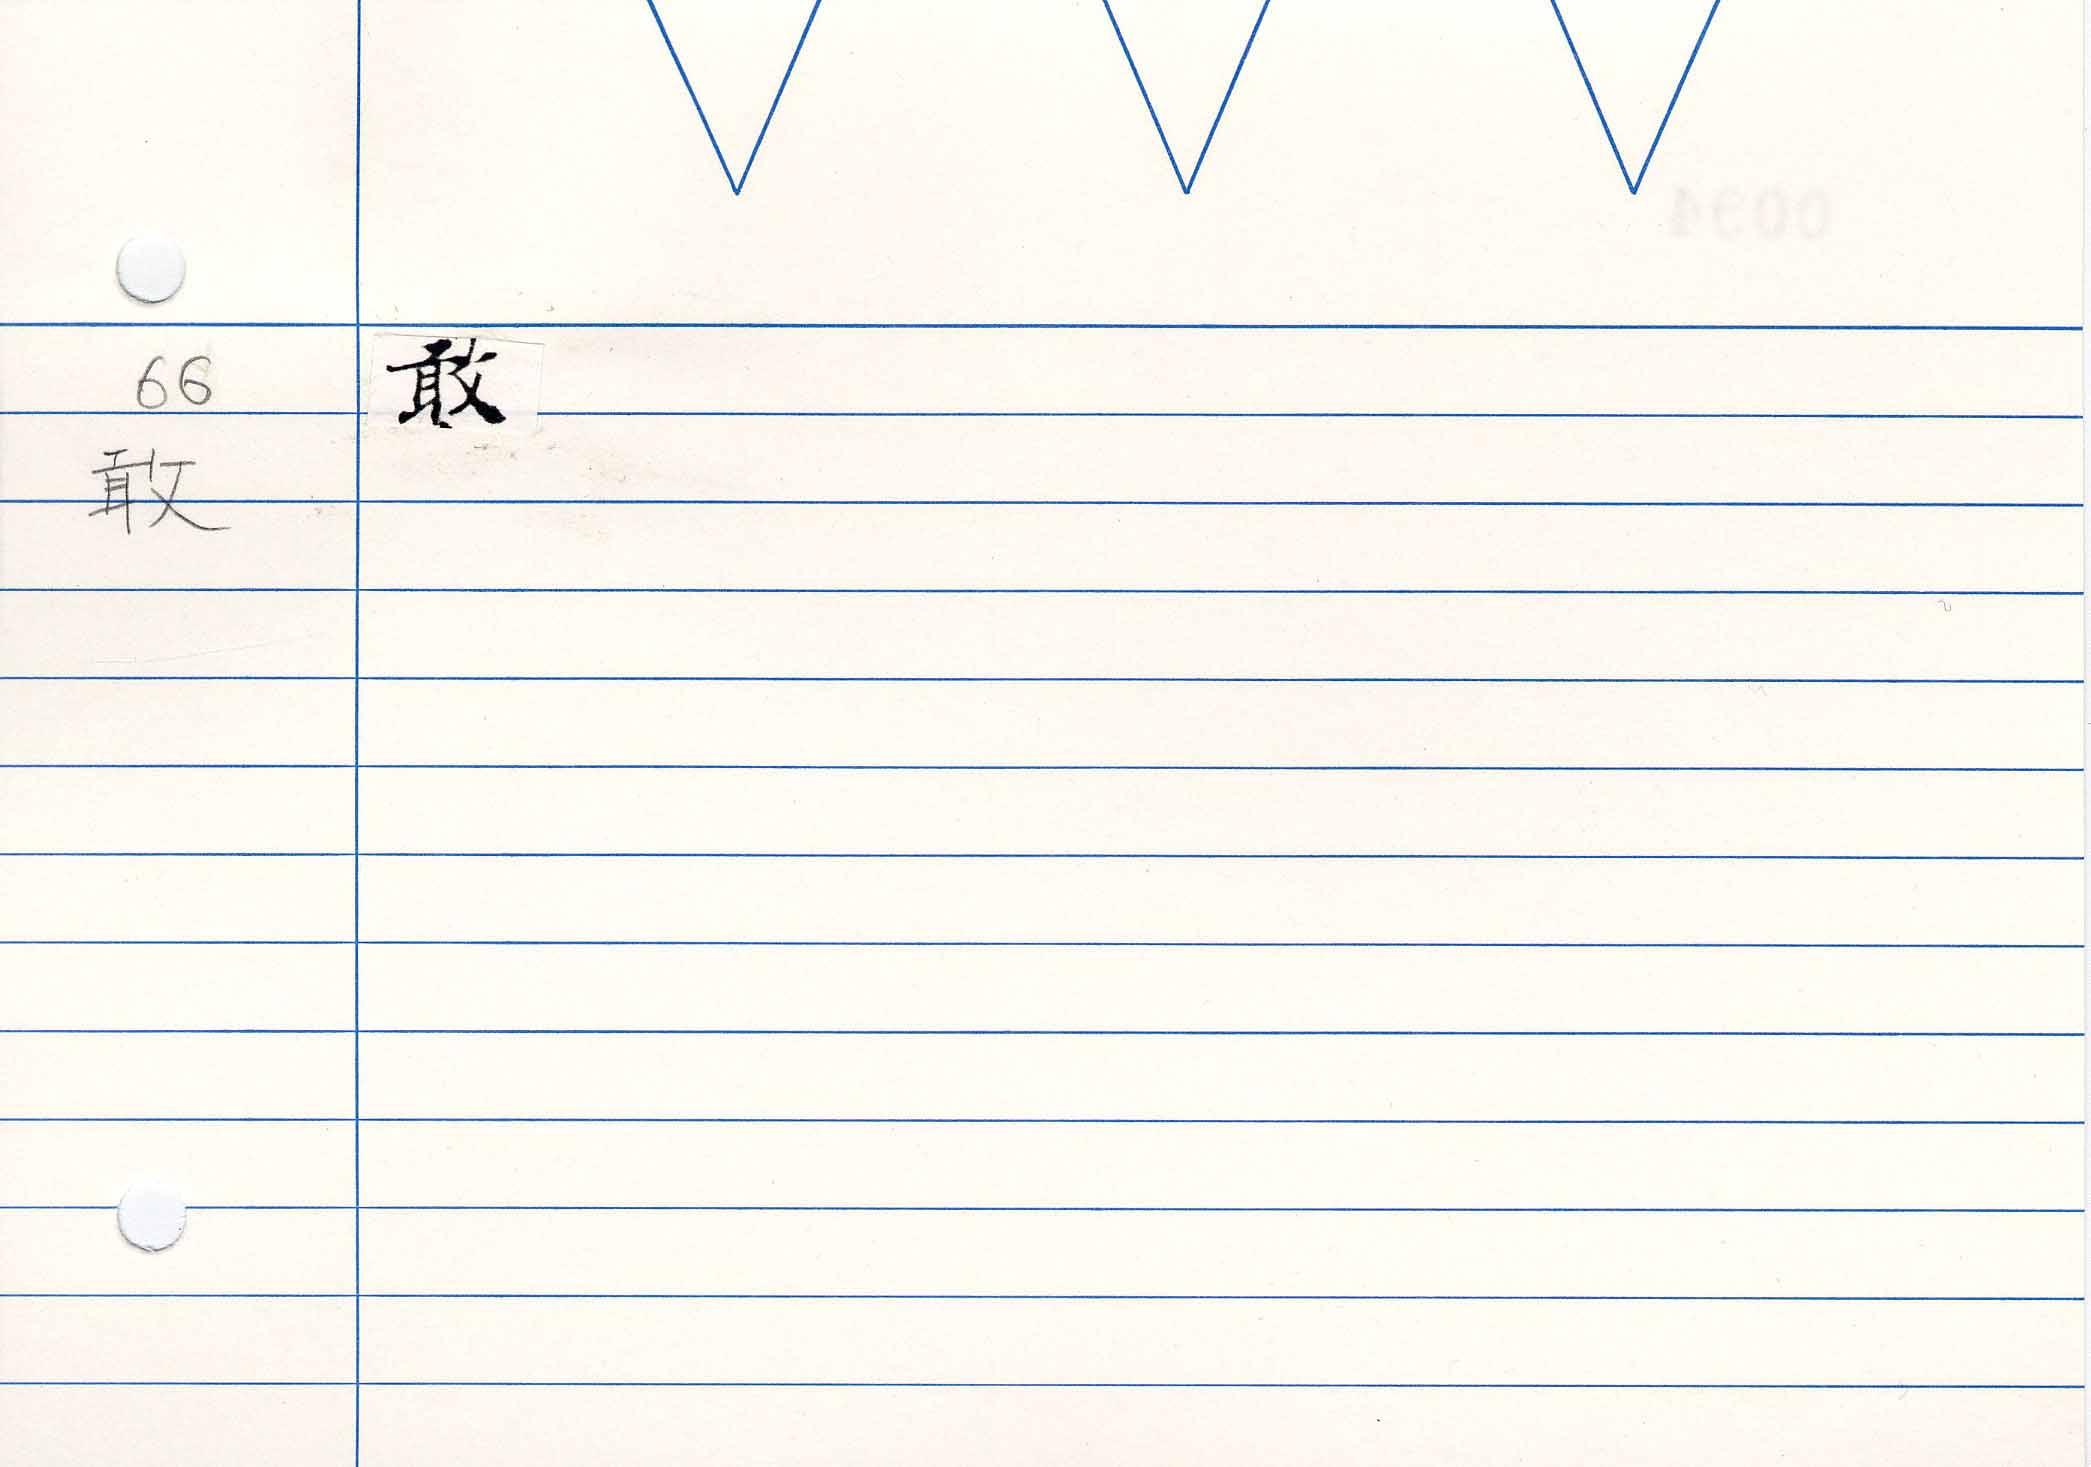 13_妙法蓮華經卷八(S.2577)/cards/0094.jpg